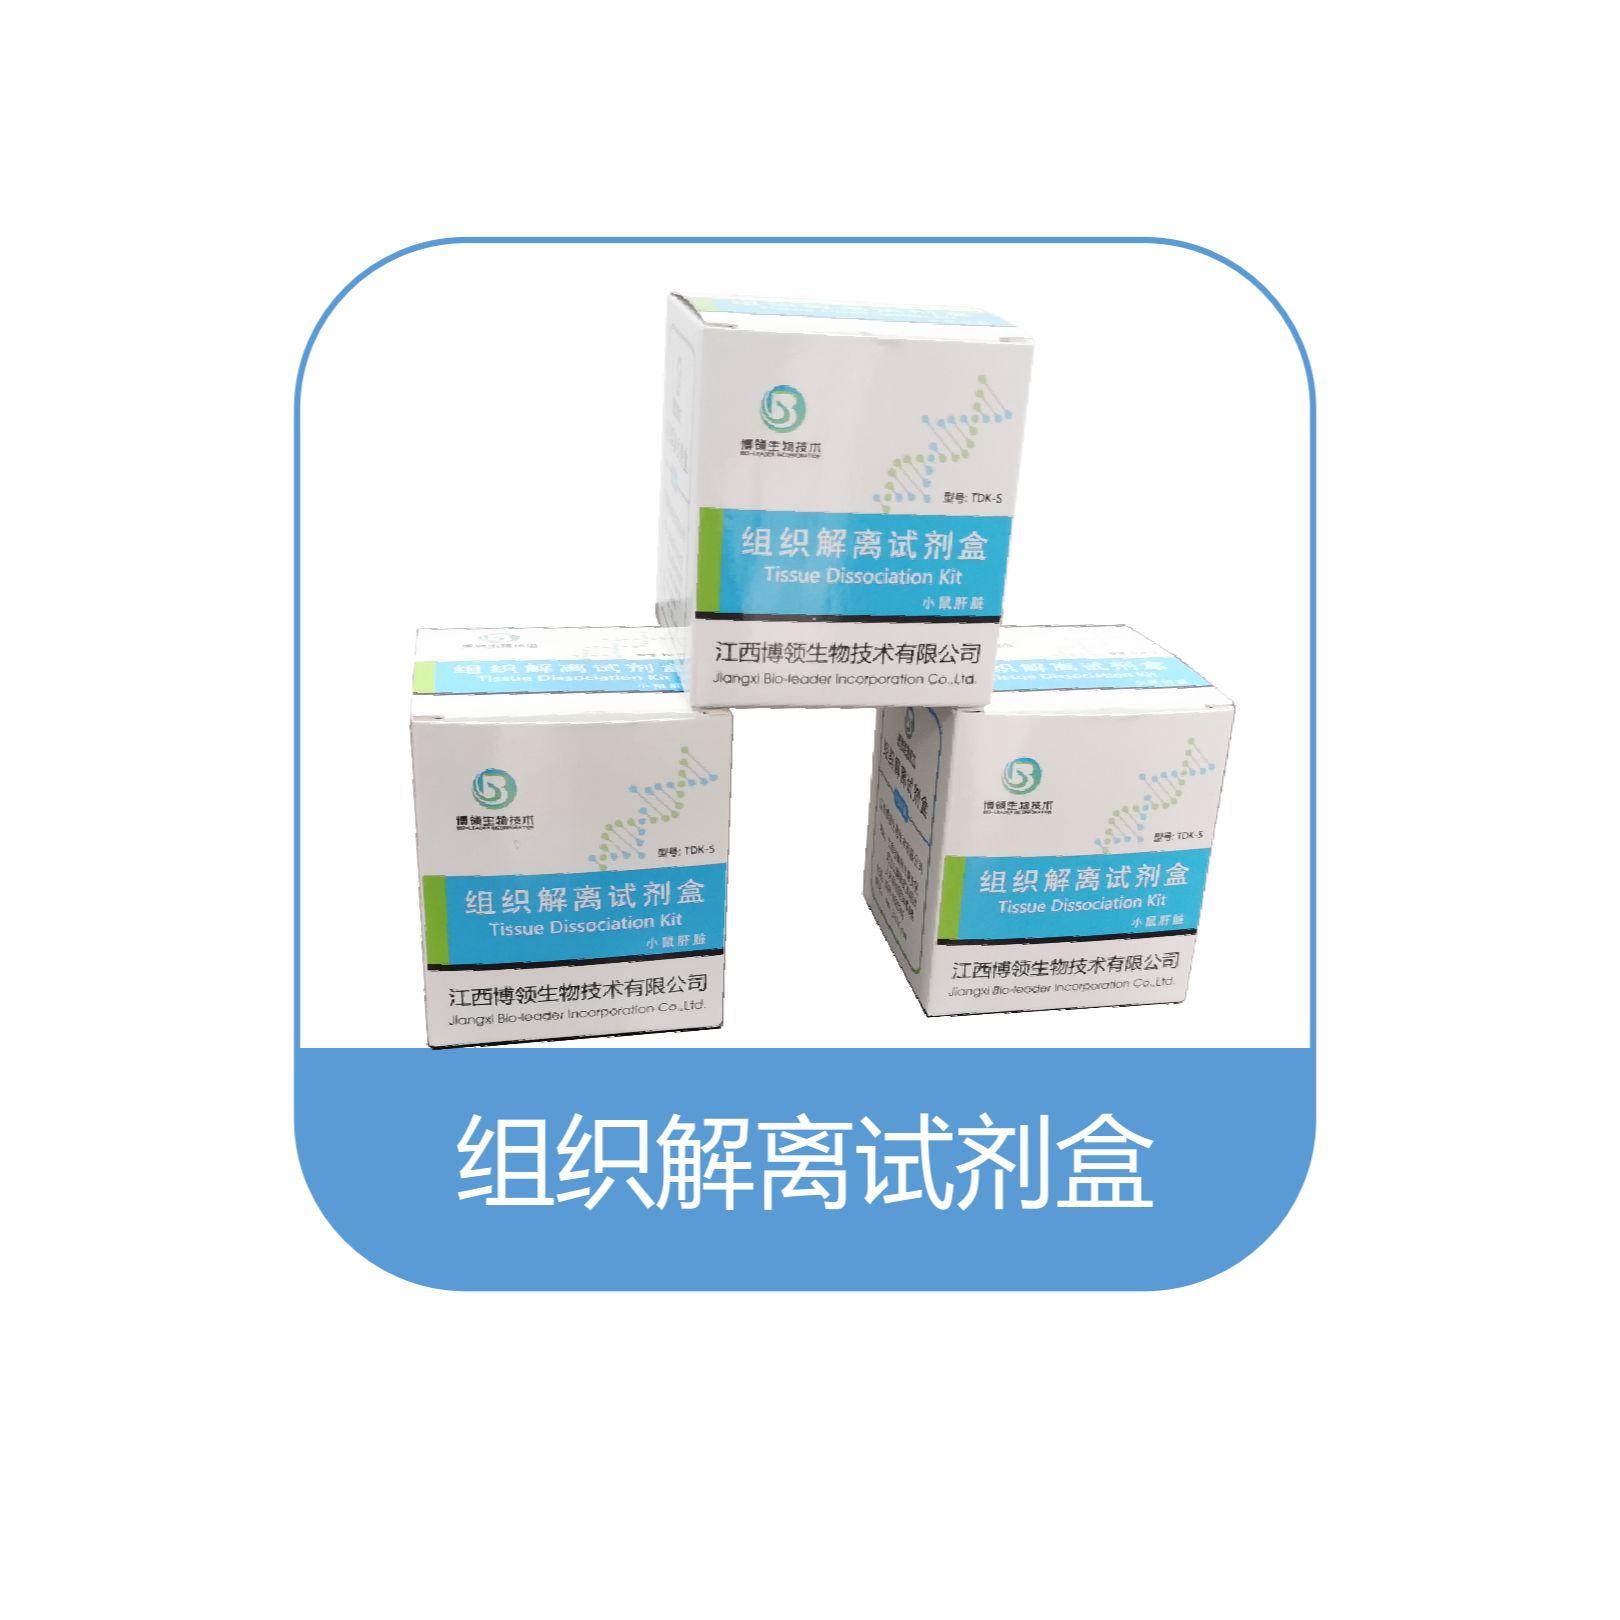 肝脏解离试剂盒